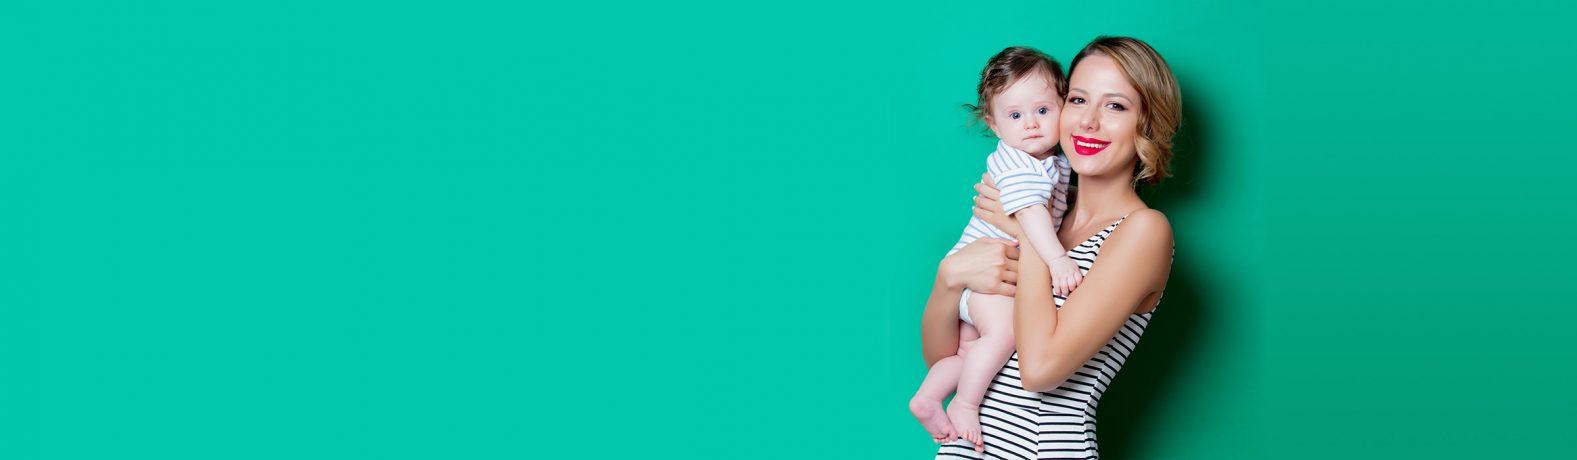 Junge Frau hält Baby im Arm